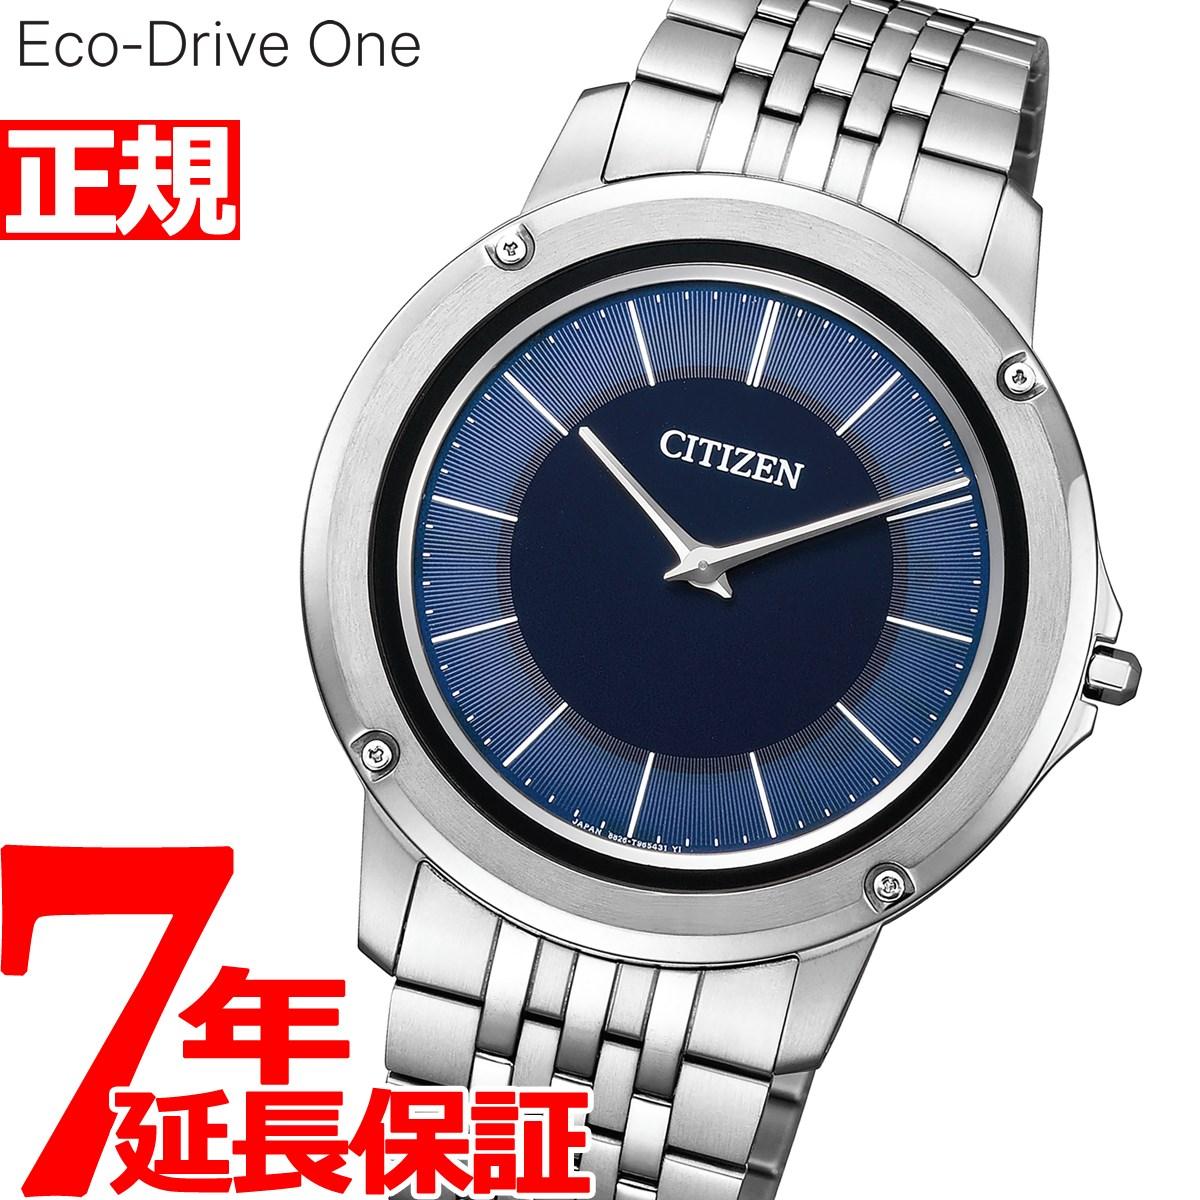 【5日0時~♪2000円OFFクーポン&店内ポイント最大51倍!5日23時59分まで】シチズン エコドライブ ワン CITIZEN Eco-Drive One ソーラー 腕時計 メンズ AR5050-51L